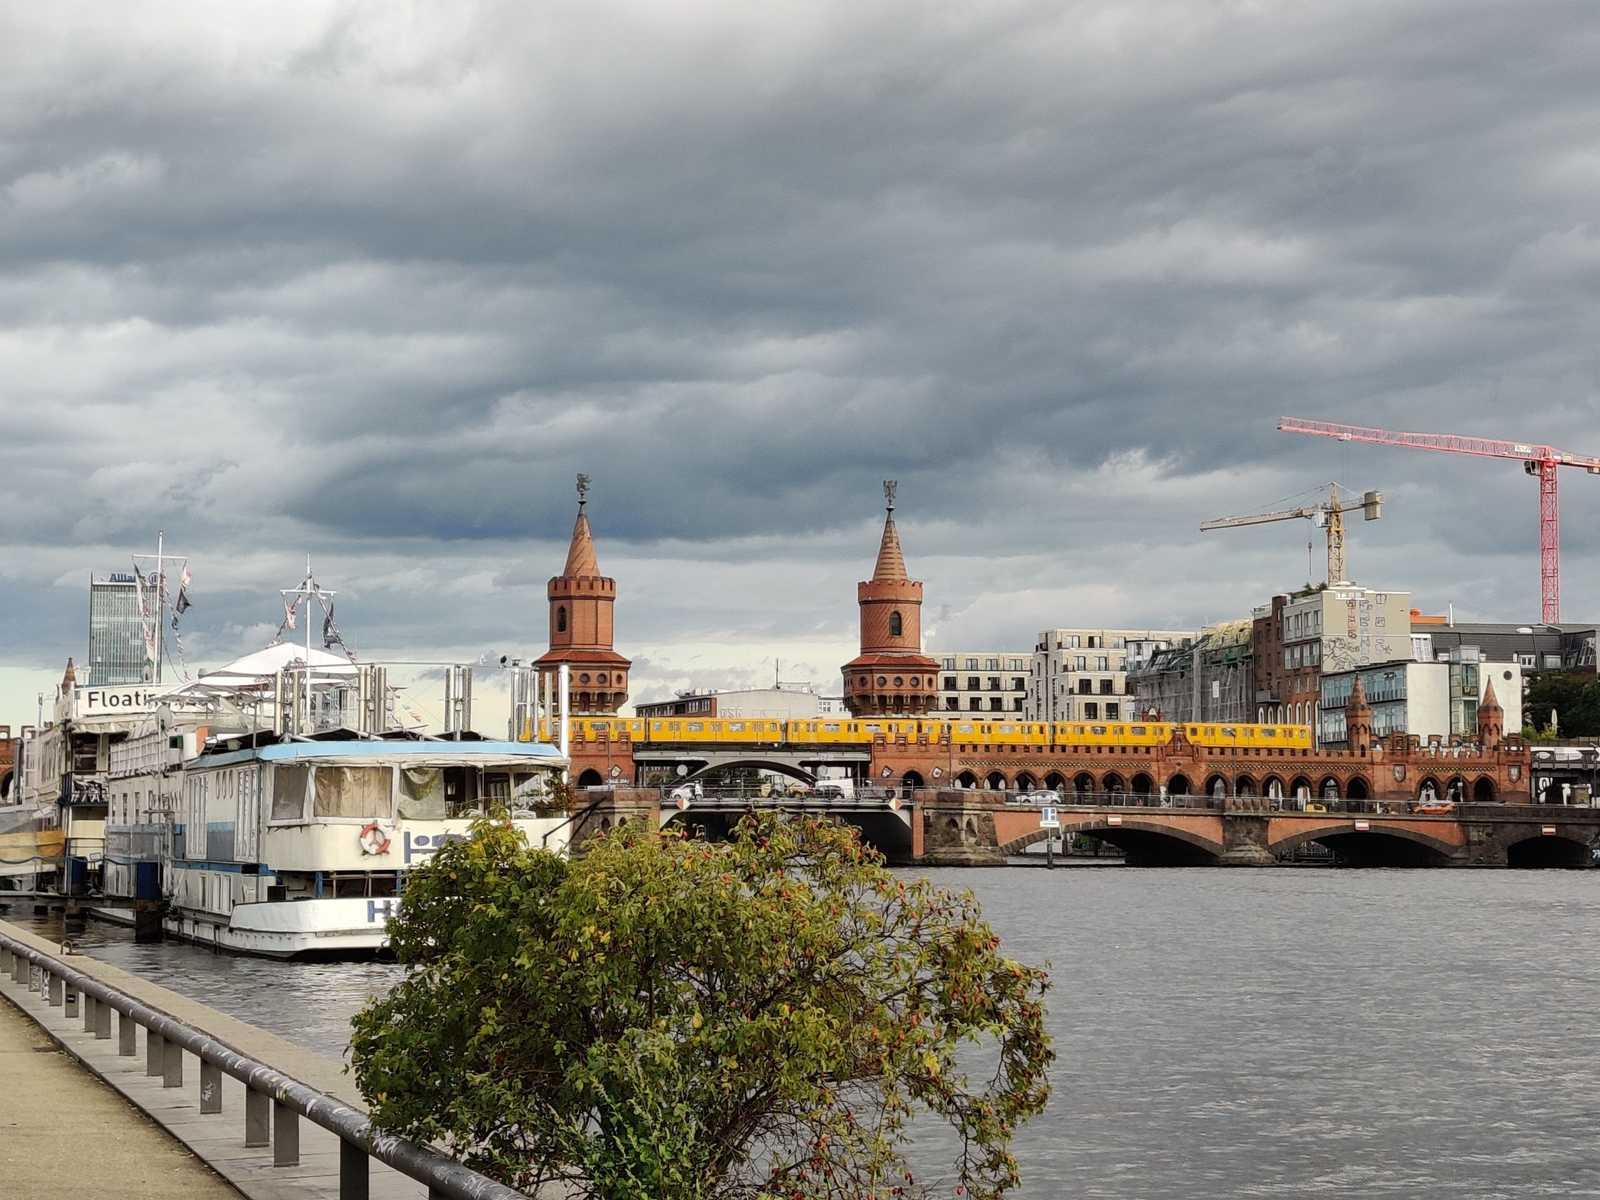 Blick auf die Oberbaumbrücke in Berlin, vom Spree-Ufer aus. Ein weißes Boot, welches eine Touristenunterkunft ist, liegt am Ufer an. Die gelben U-Bahnwägen der BVG ziehen auf der Brücke durch das Bild. Der Himmel ist von grauen Wolken bedeckt.